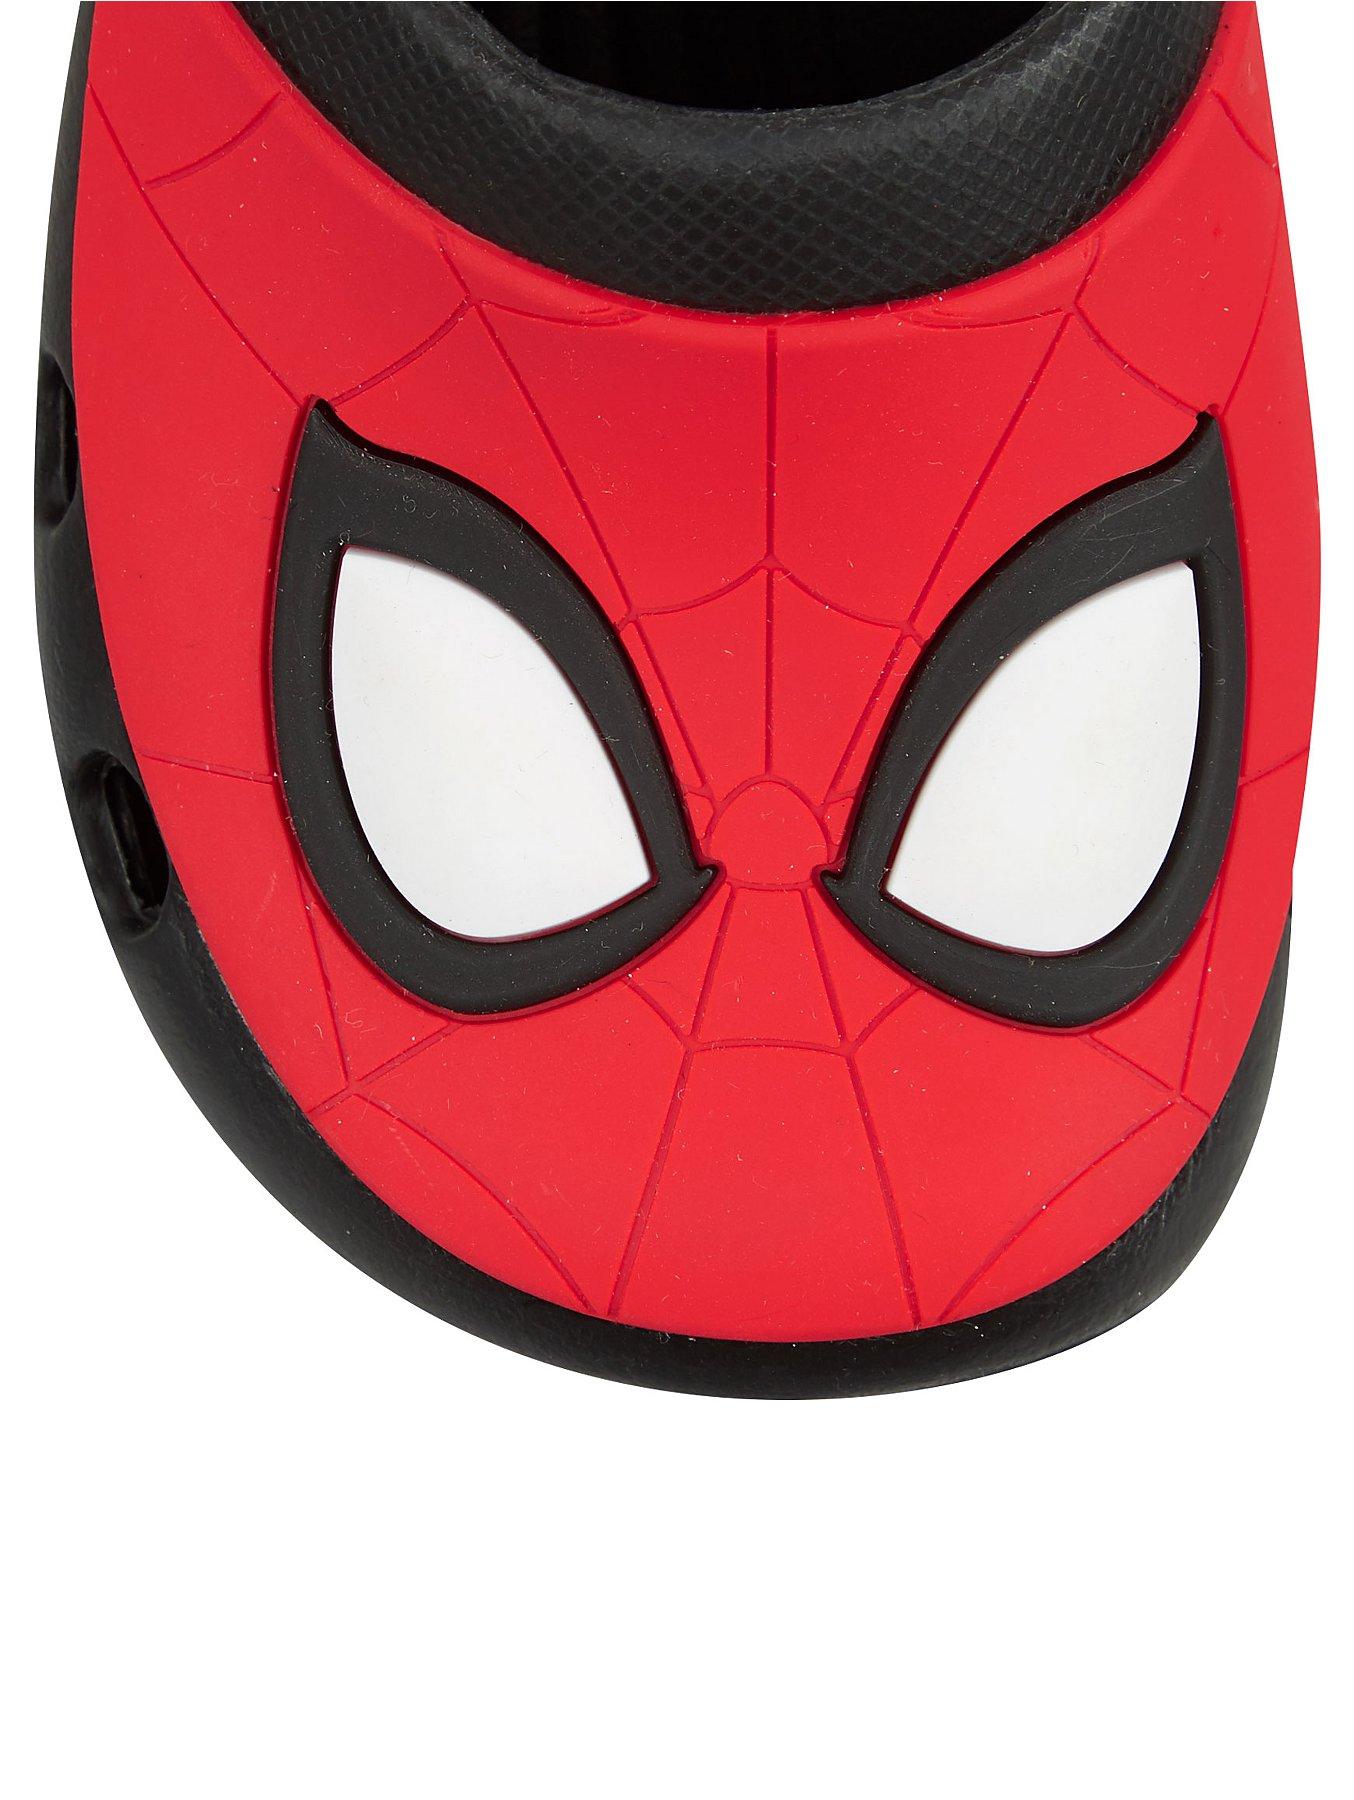 7e5873aca Spider Man Crocs. Reset